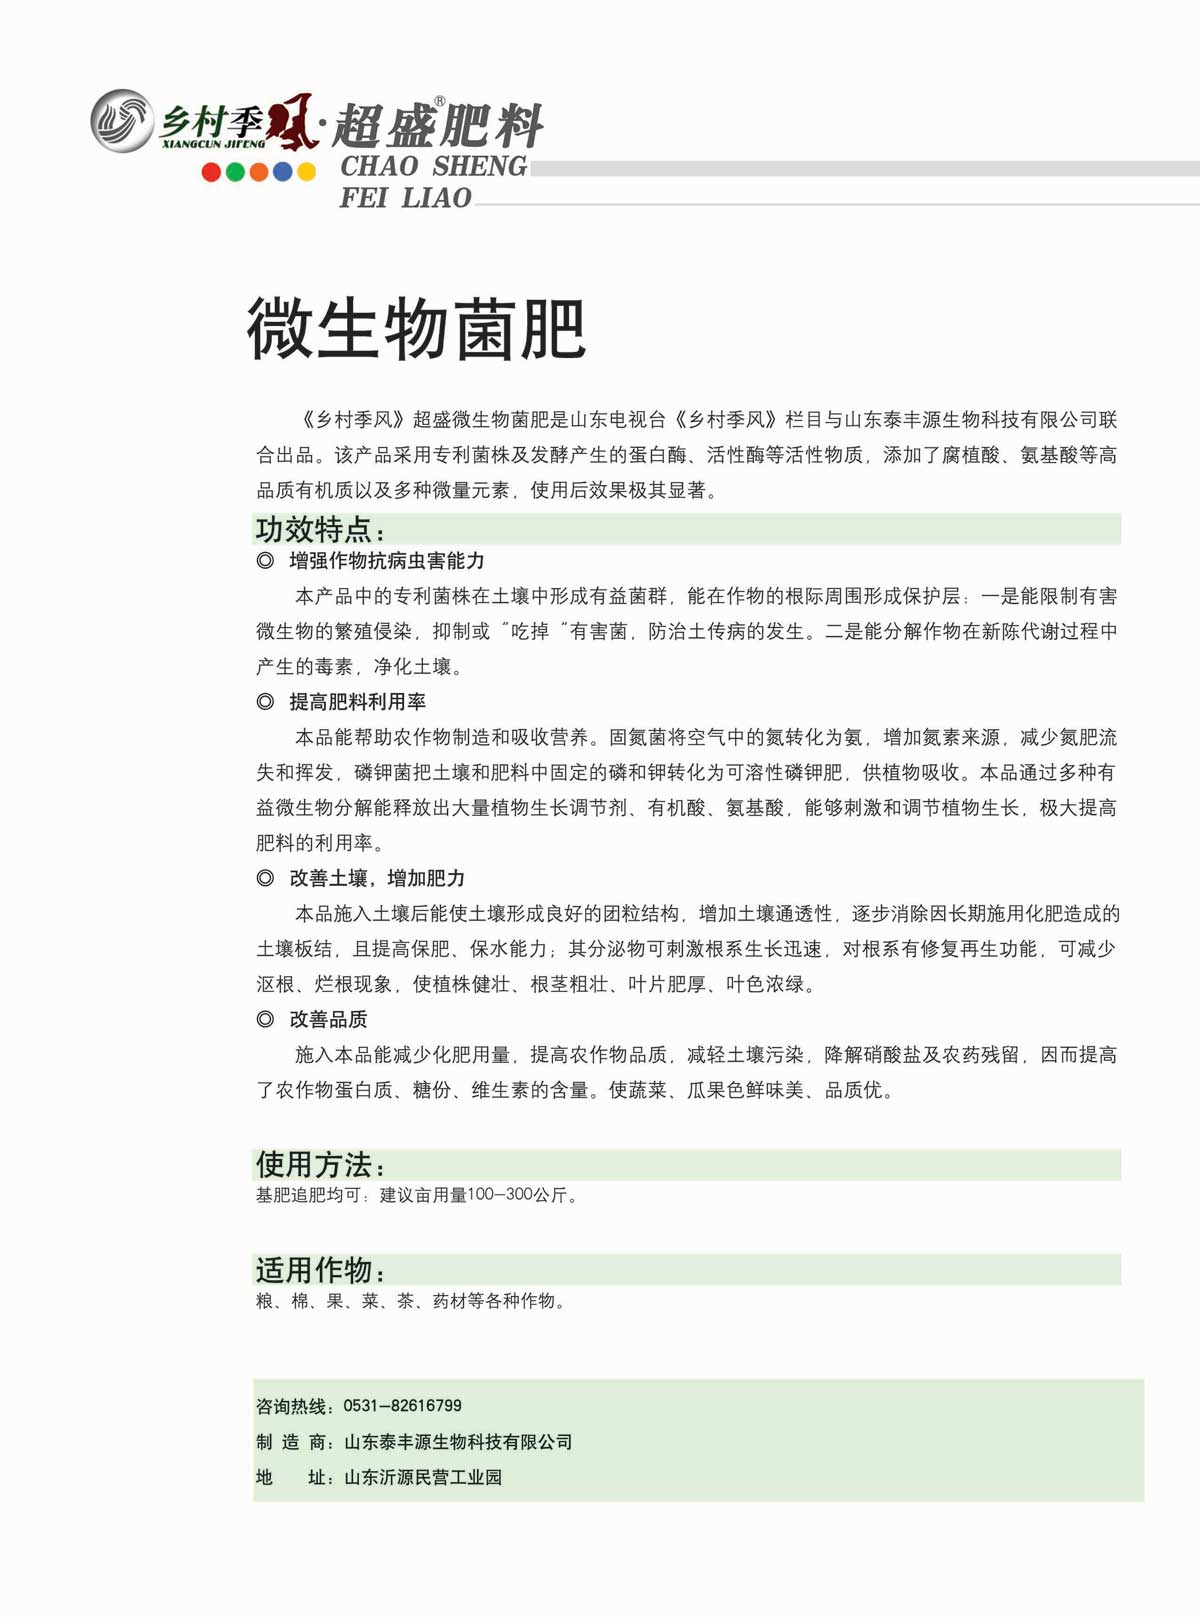 公司彩页设计